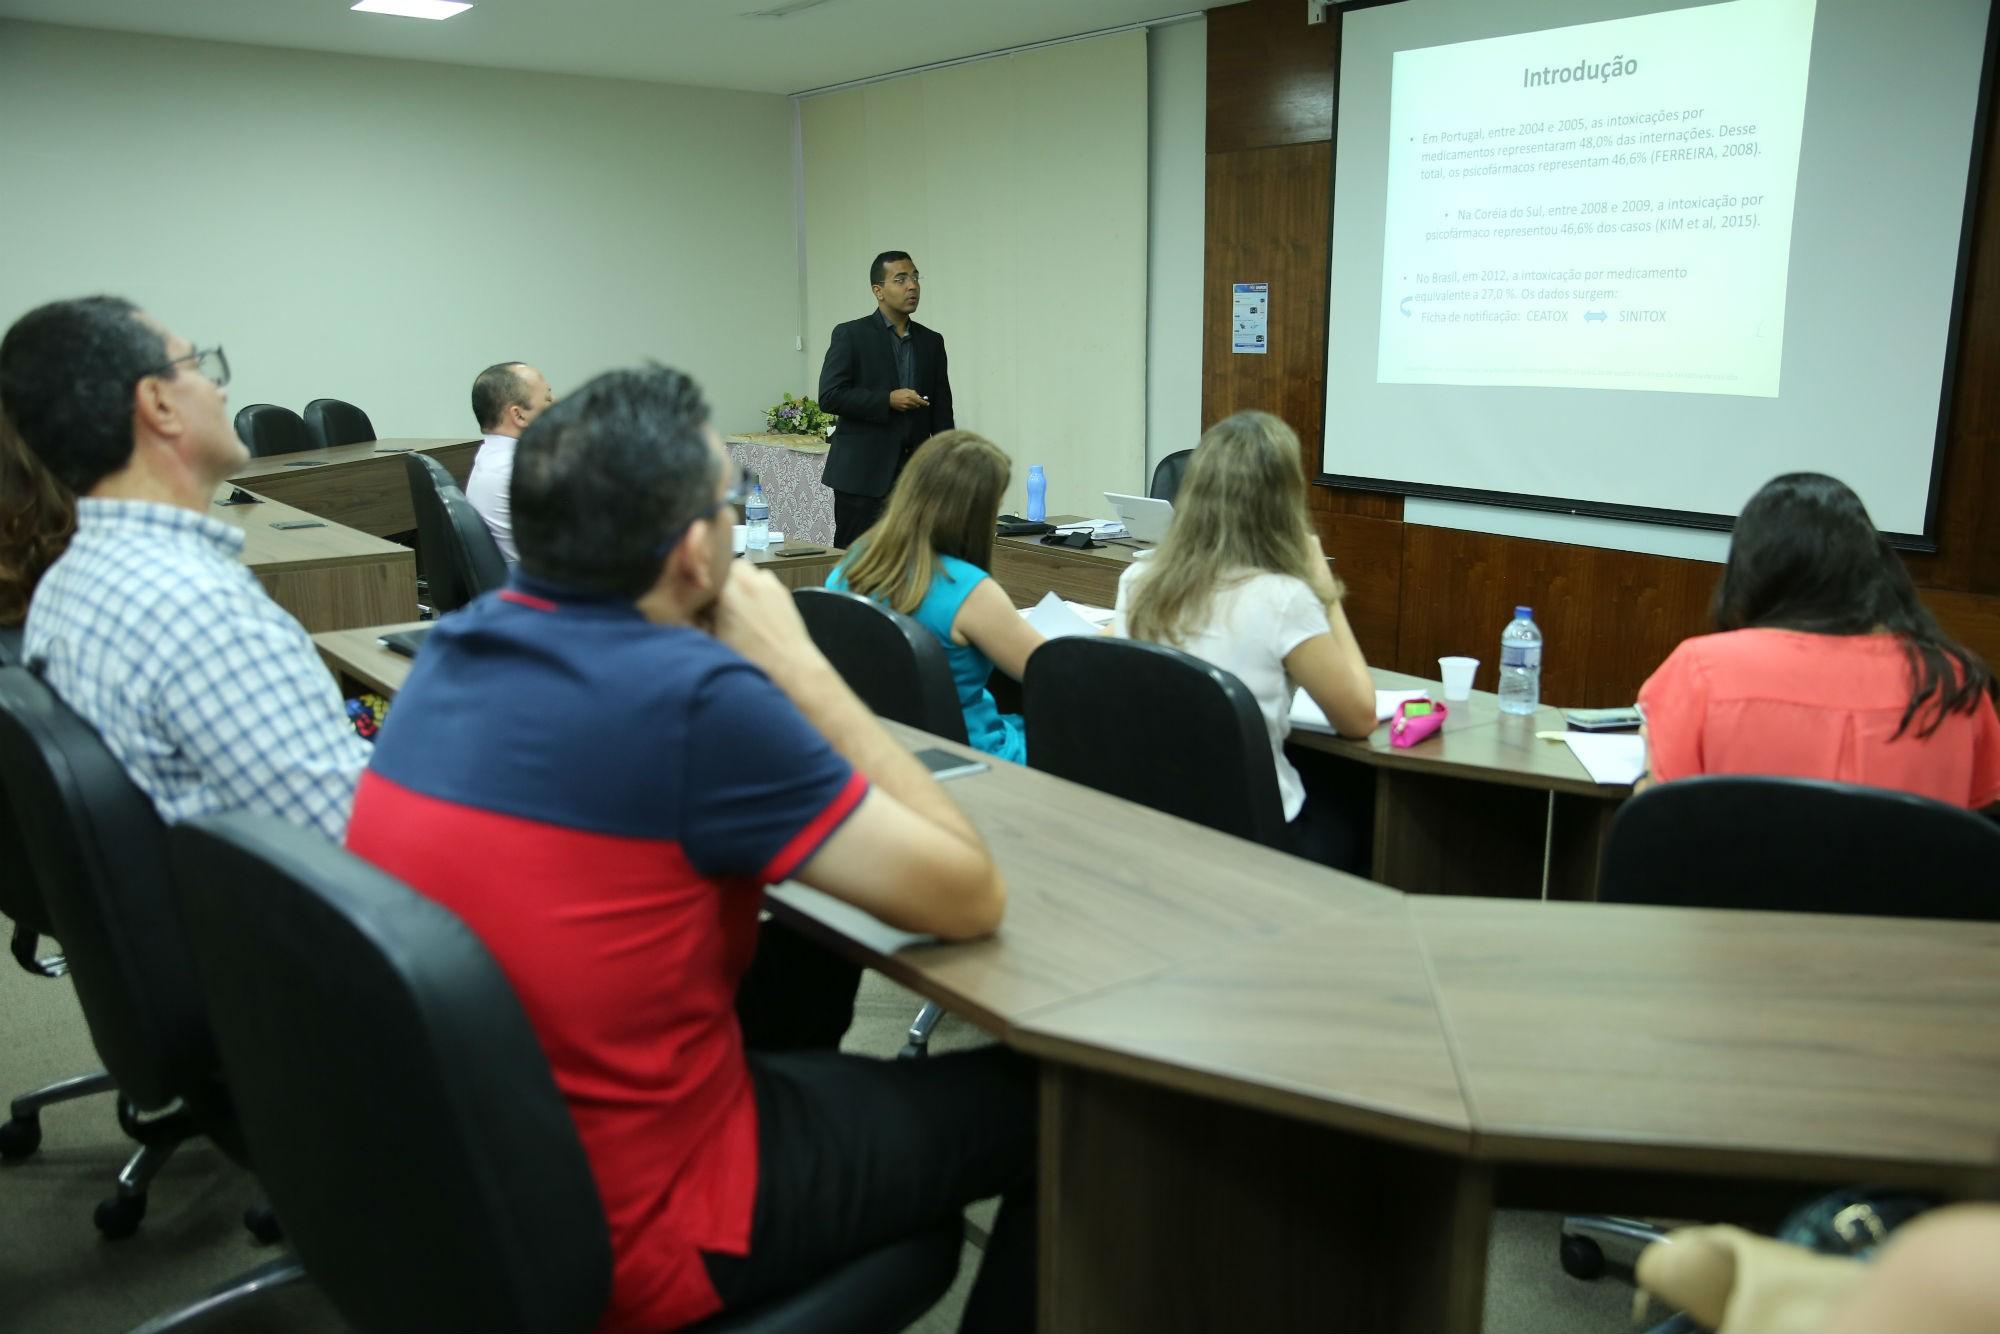 Seminário internacional sobre eHealth e saúde pública acontece em Fortaleza